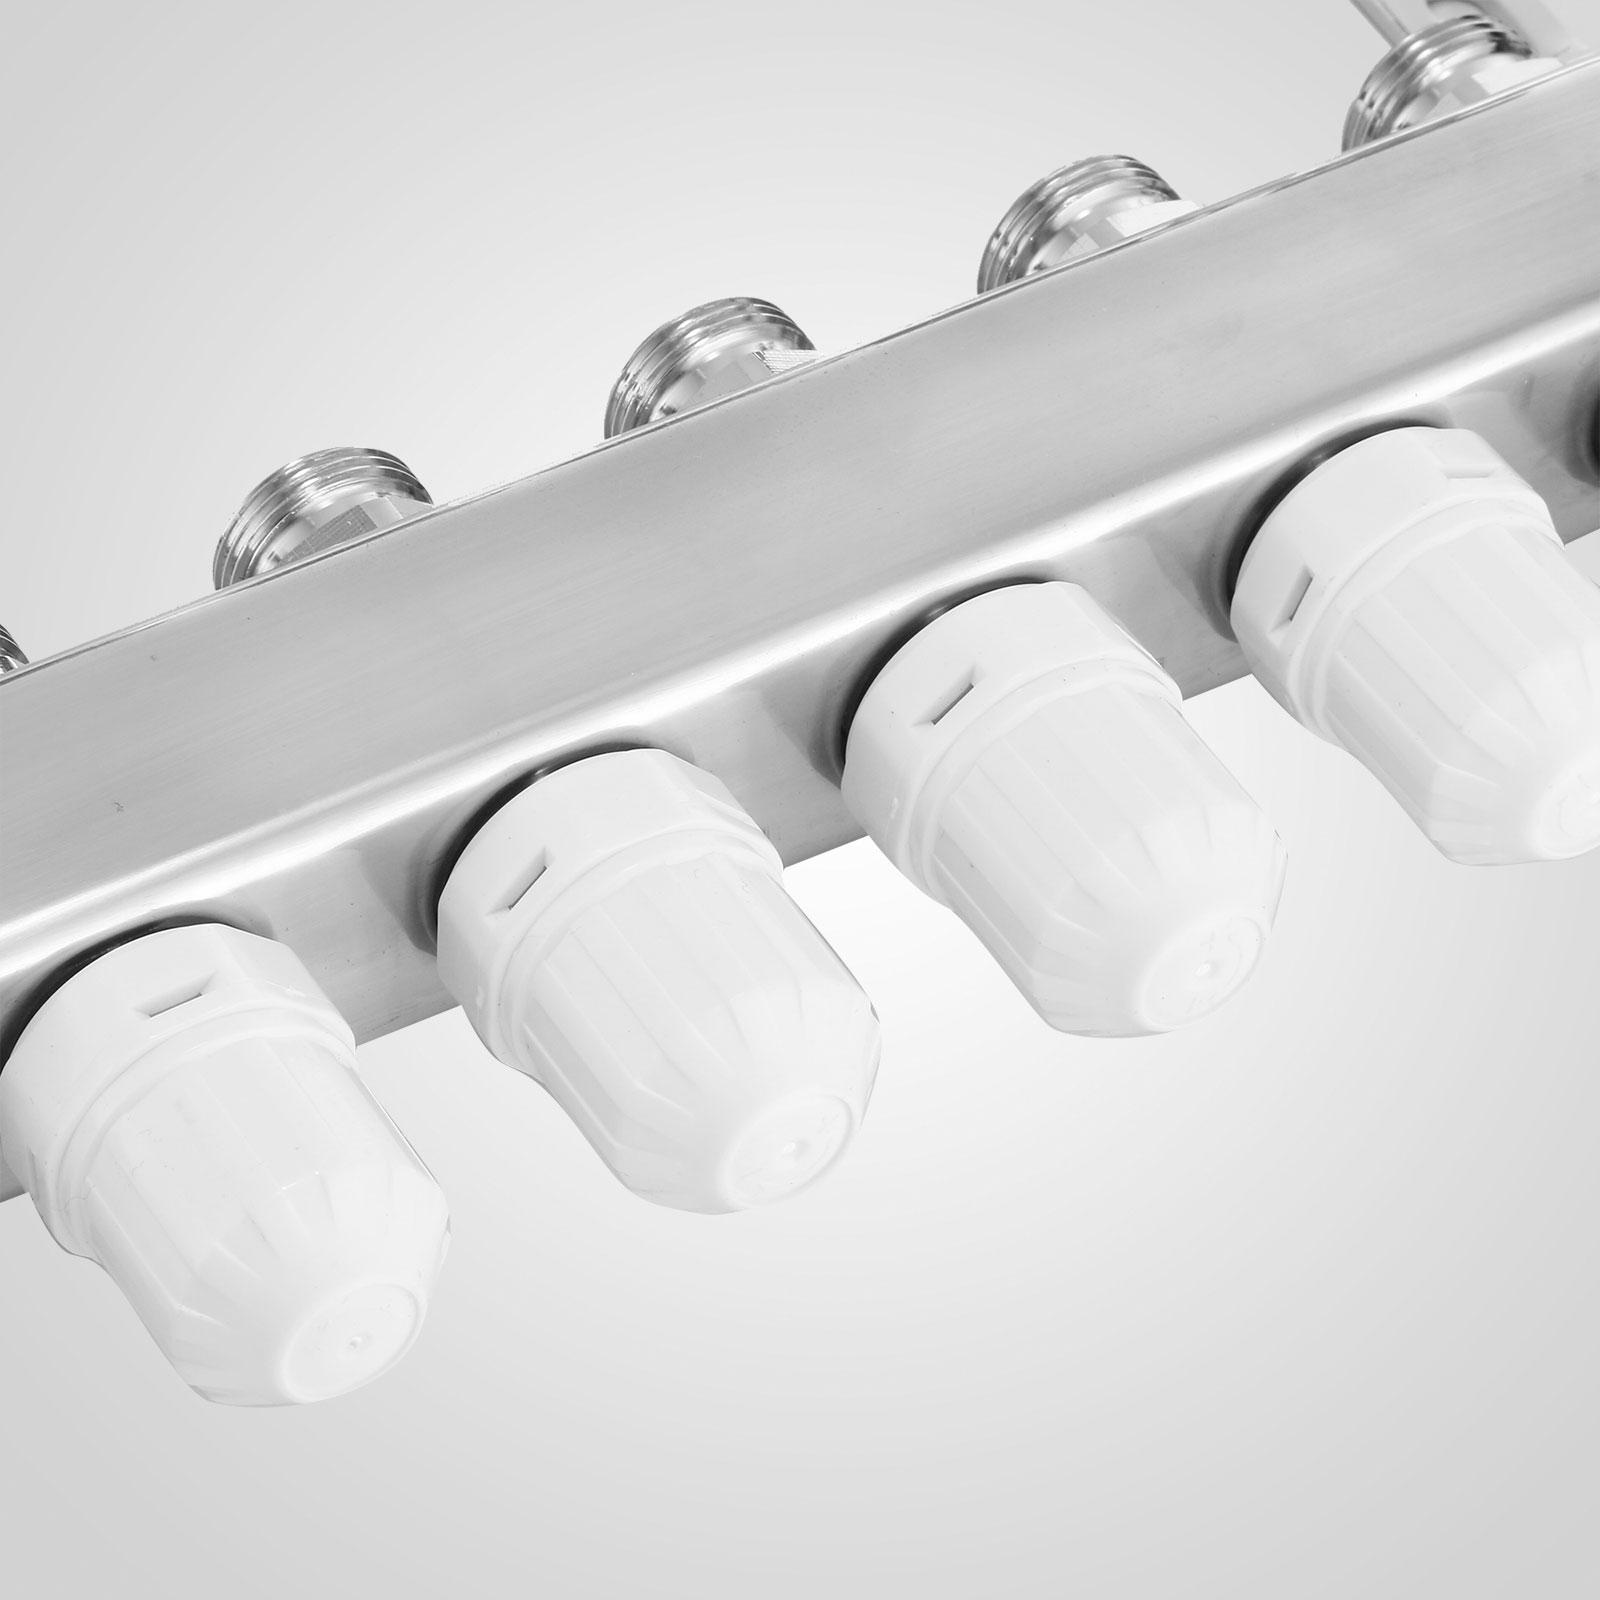 3-10 branch PEX Radiant Floor Heating Stainless Steel Manifold 1//2 Leak-proof